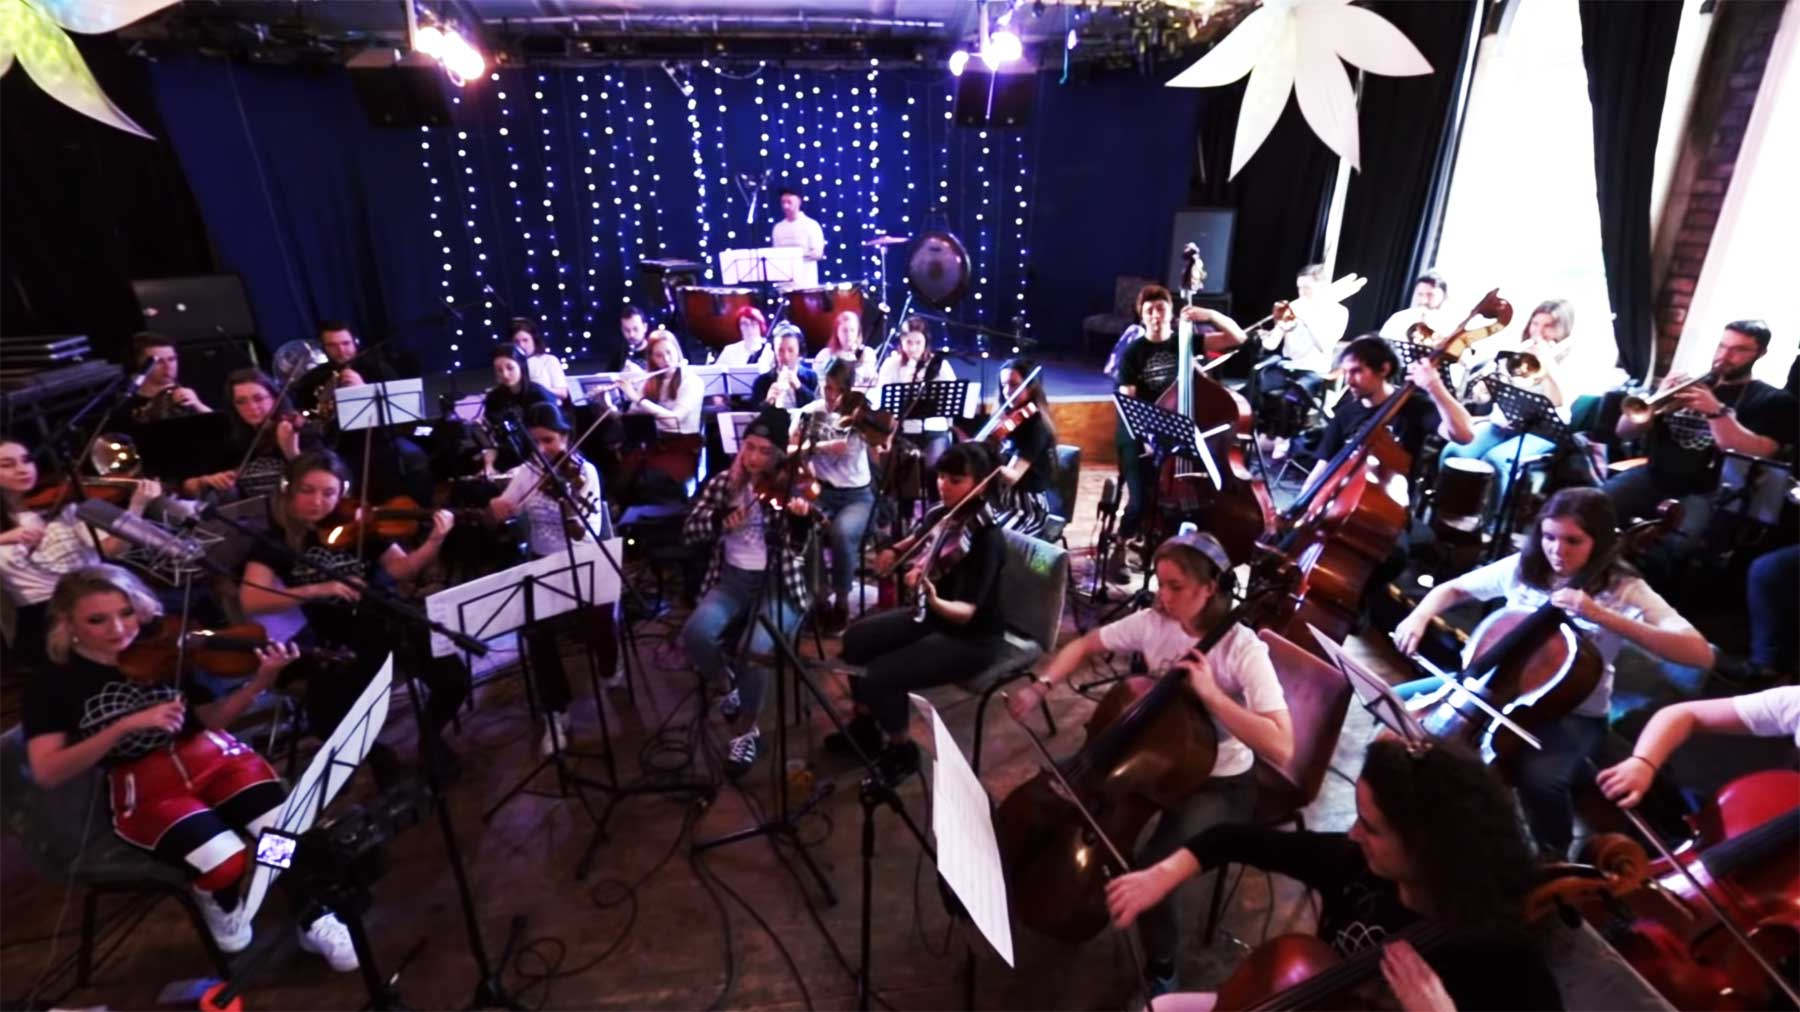 Orchester spielt Daft Punk-Medley orchester-spielt-daft-punk